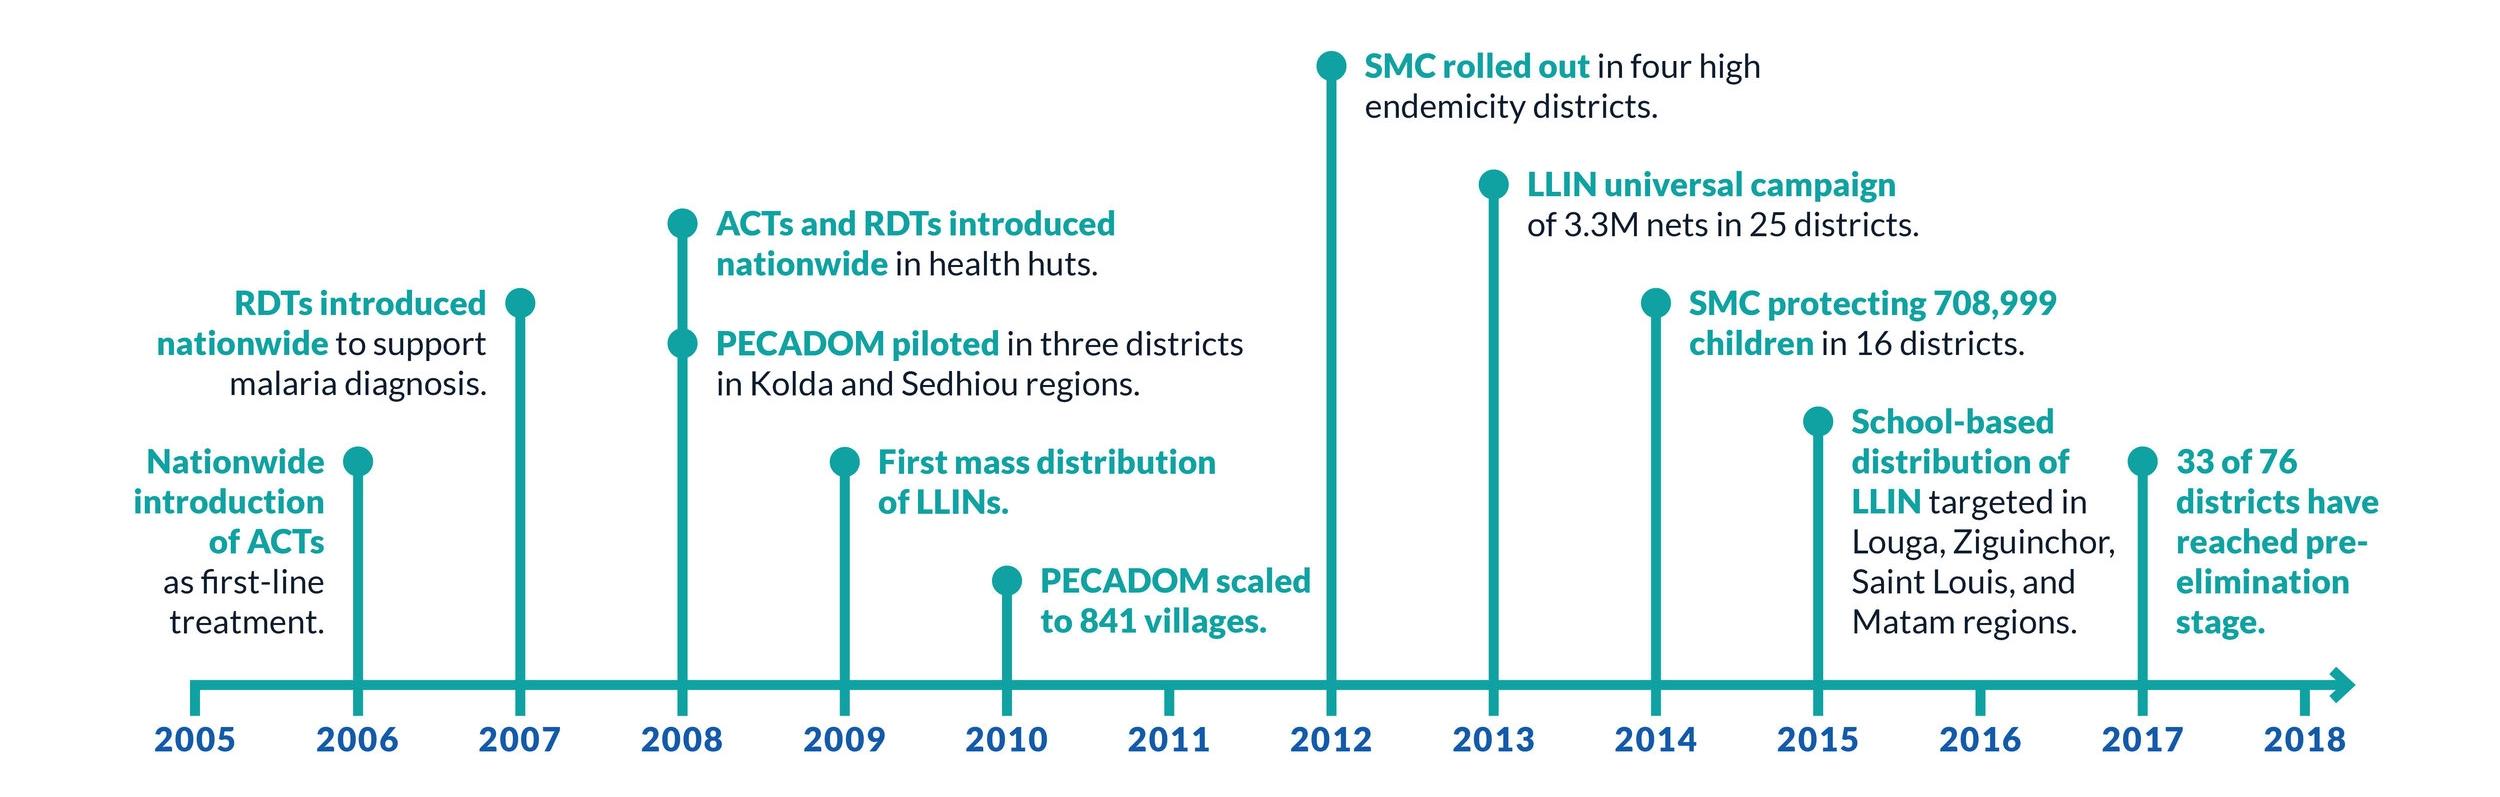 interventions milestones